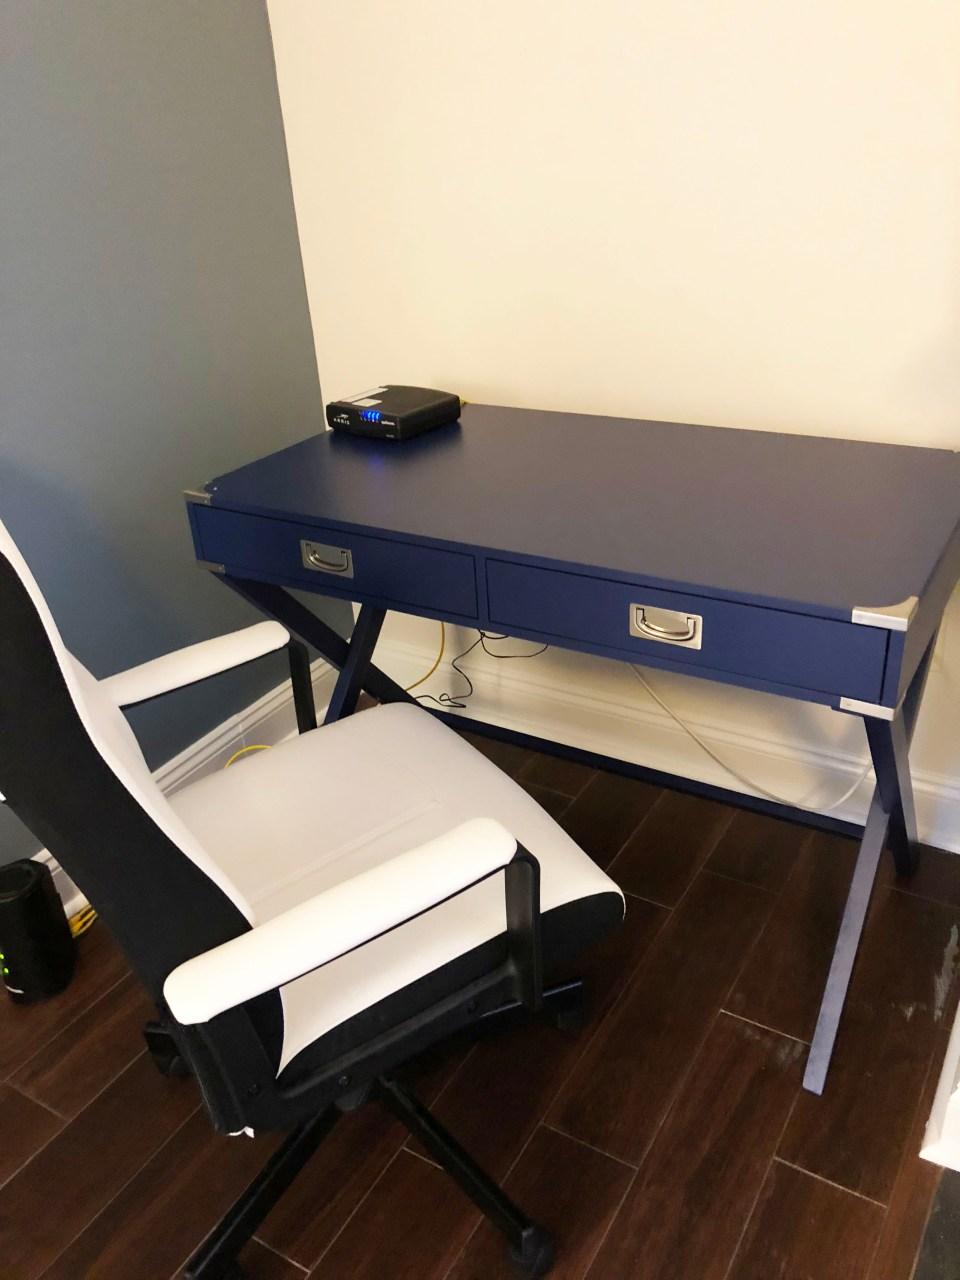 Marotta Campaign Writing Desk